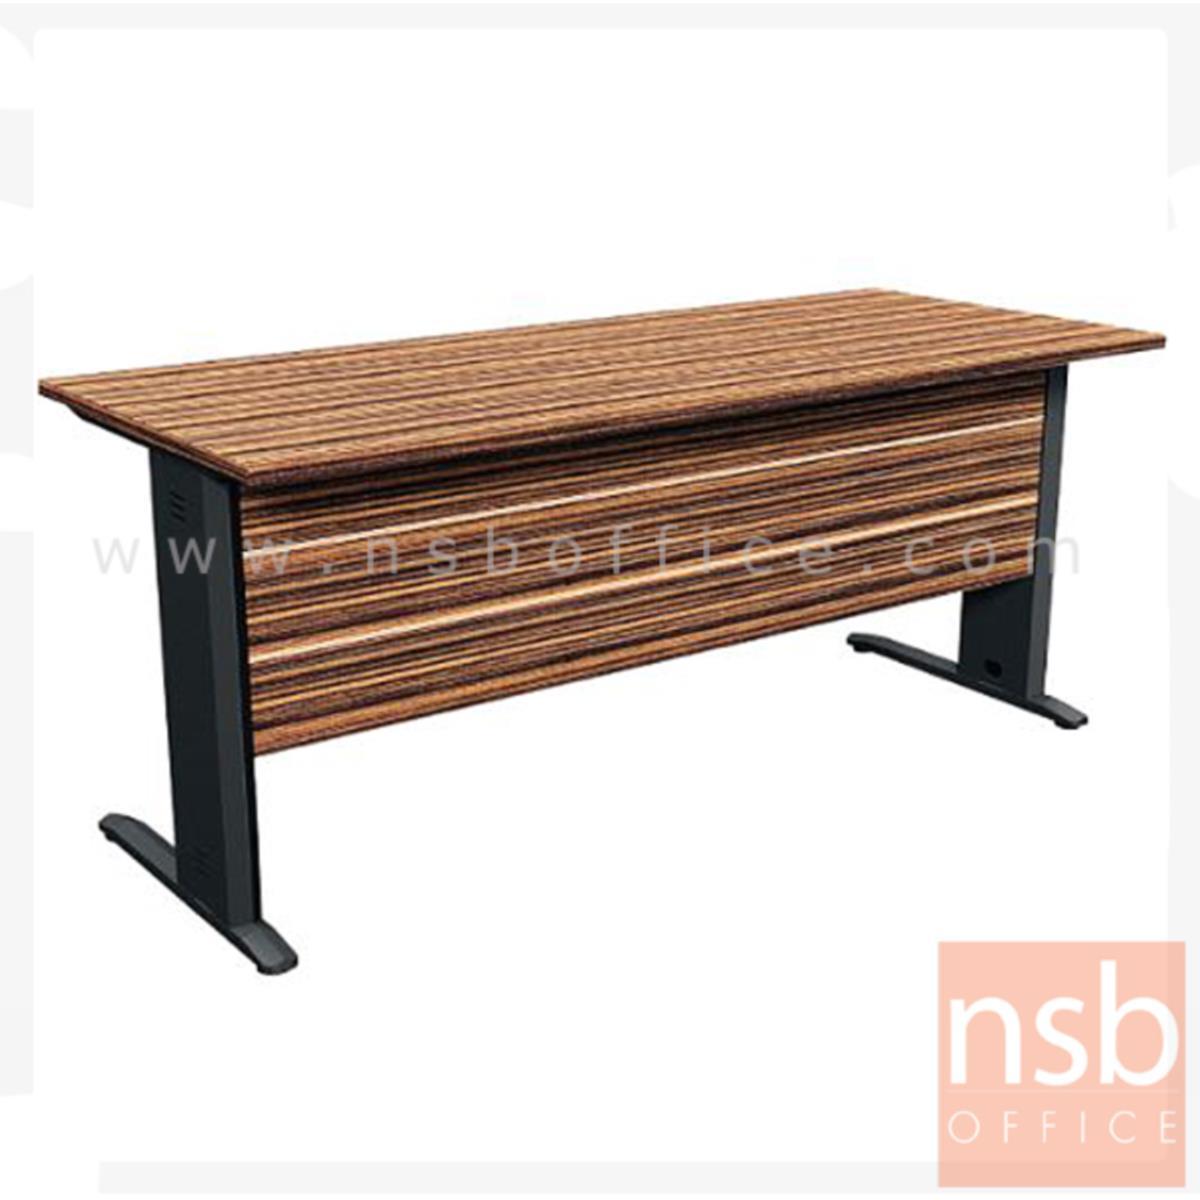 โต๊ะทำงาน รุ่น Petally (เพทอลลี่) ขนาด 160W ,180W cm.  ขาเหล็ก สีลายไม้ซีบราโน่ตัดดำ ขอบ ROSEGOLD